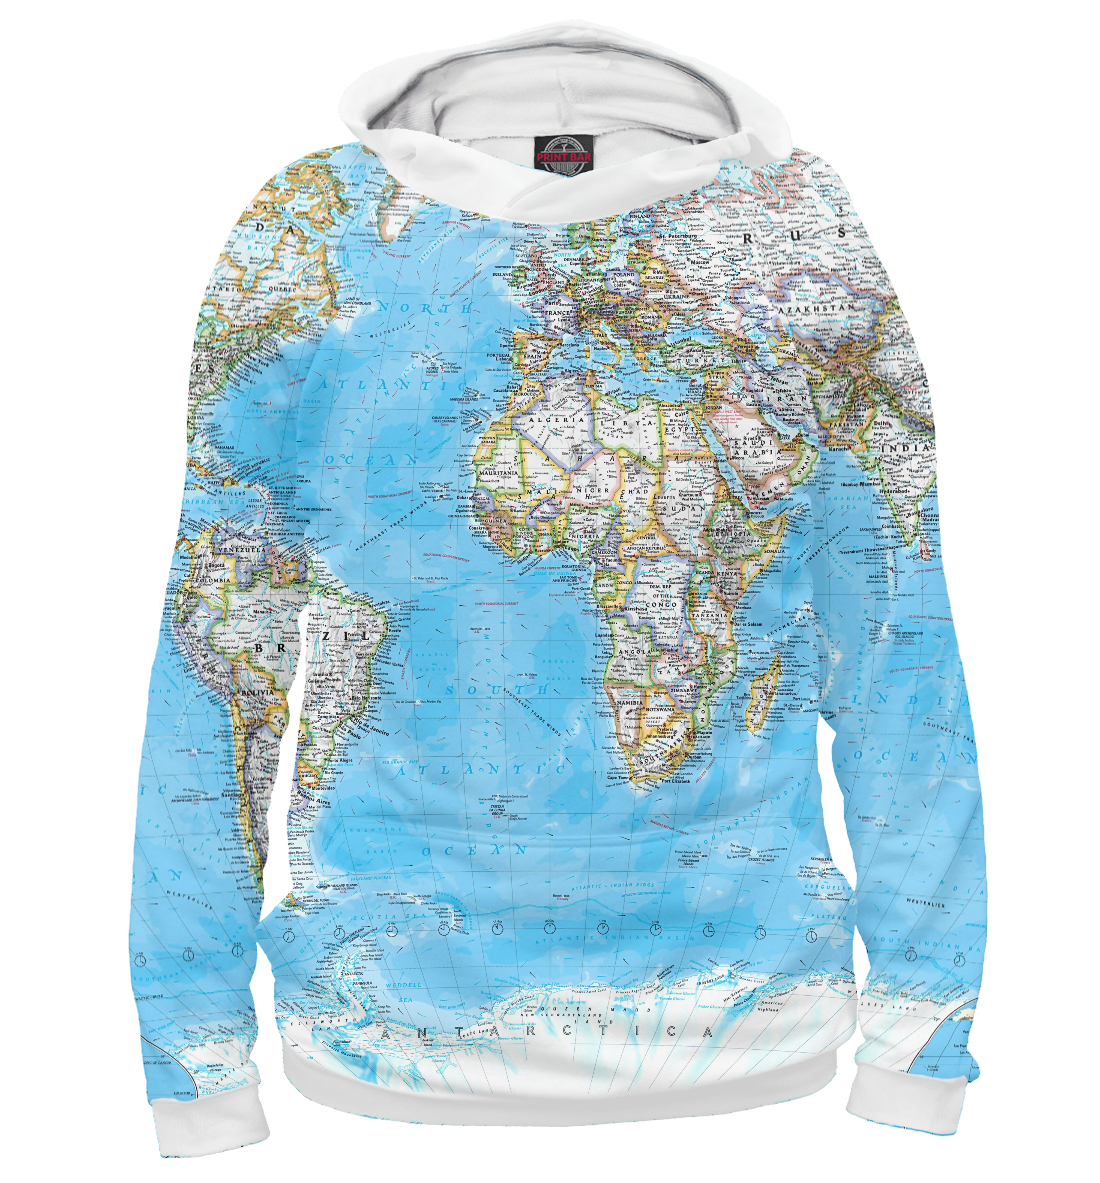 Политическая карта мира физическая карта мира политическая карта мира